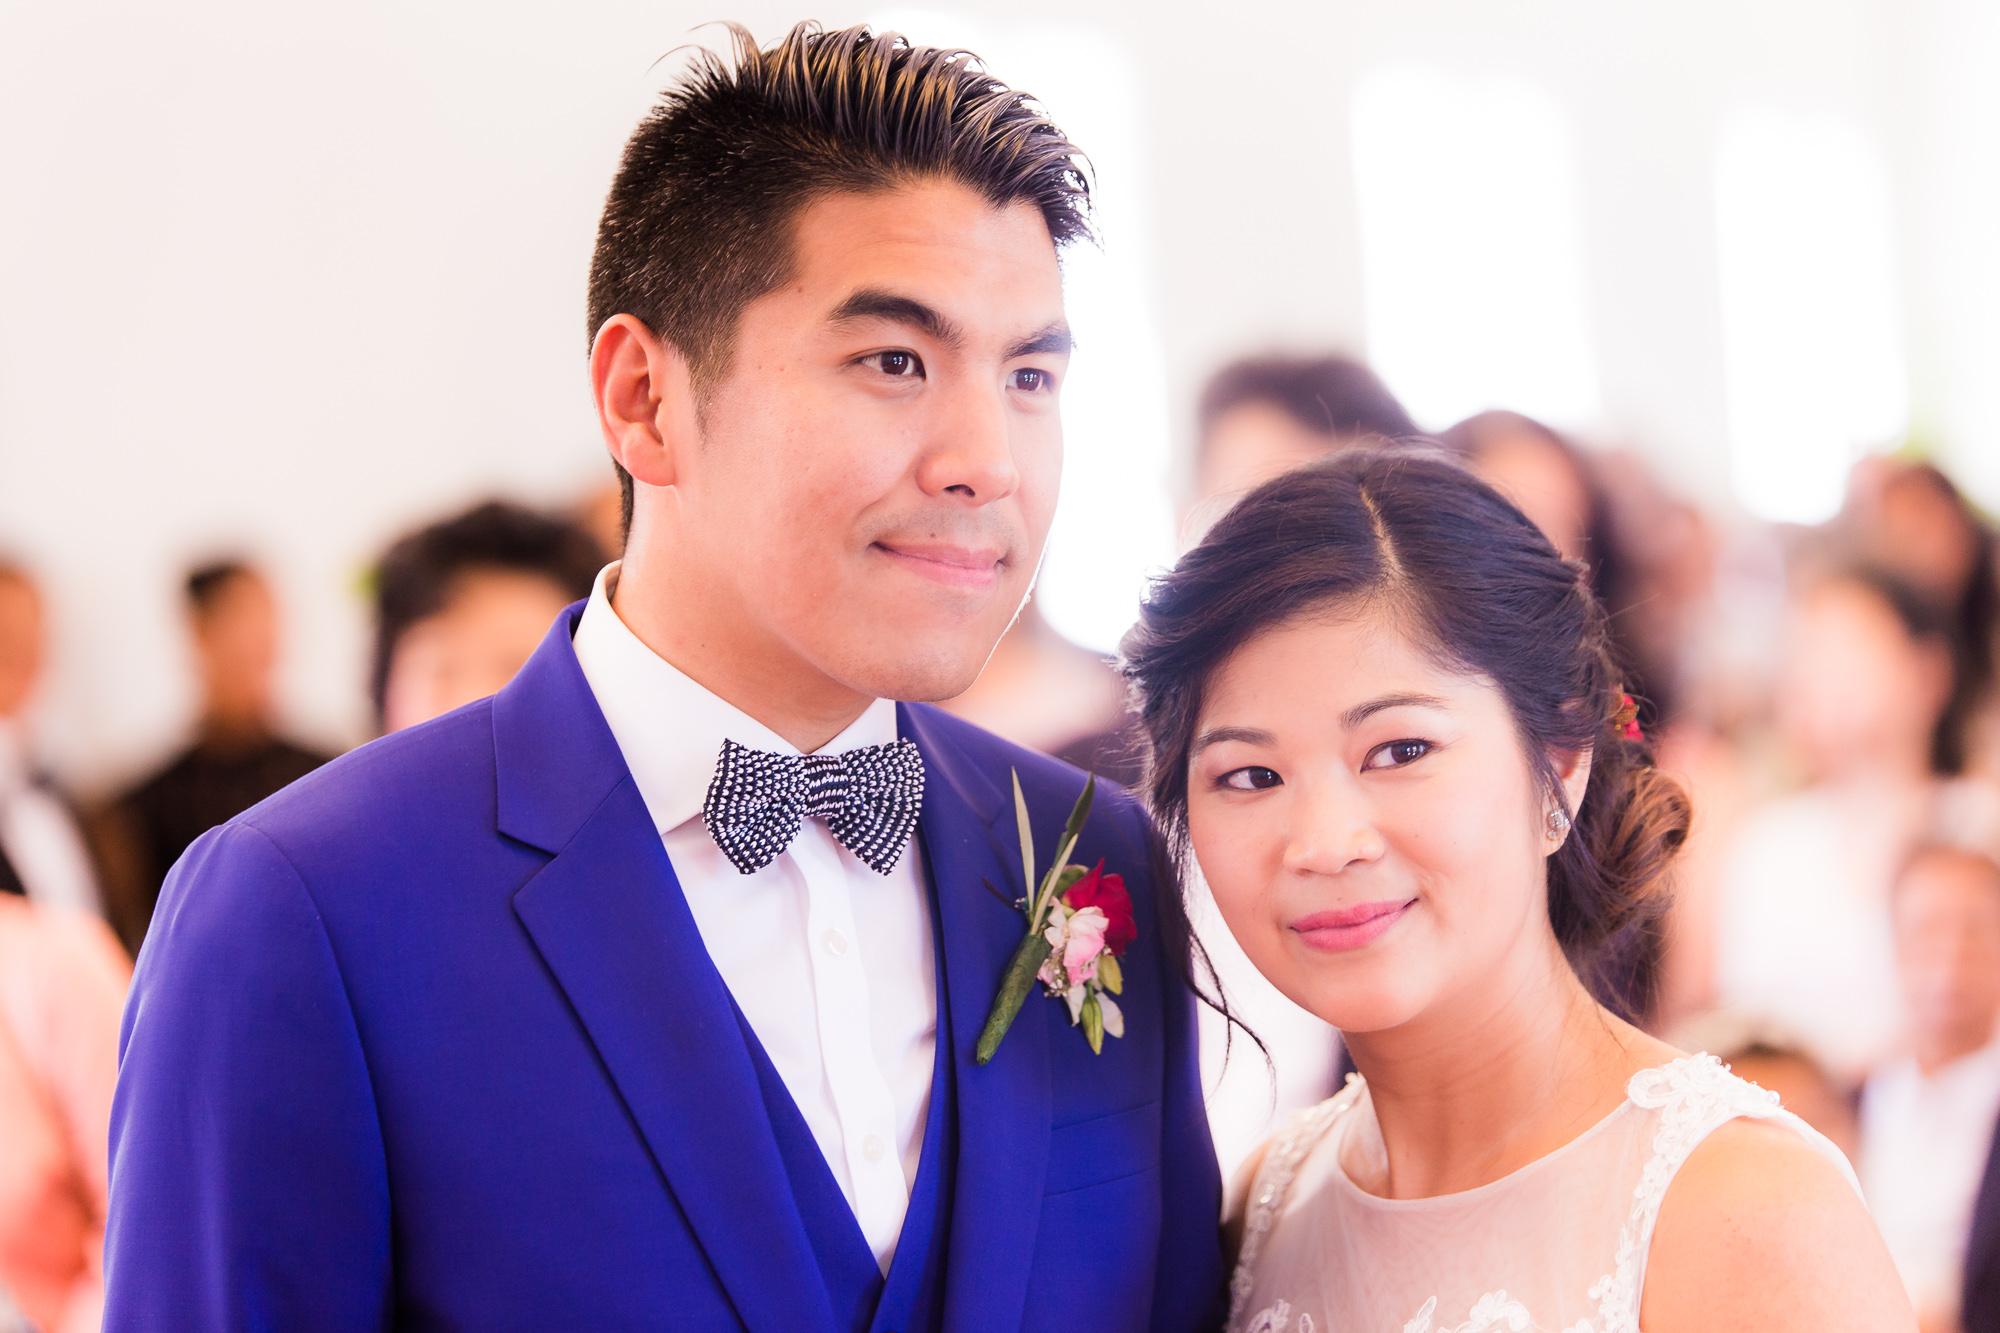 Mariage au Manoir des Cygnes Happy couple